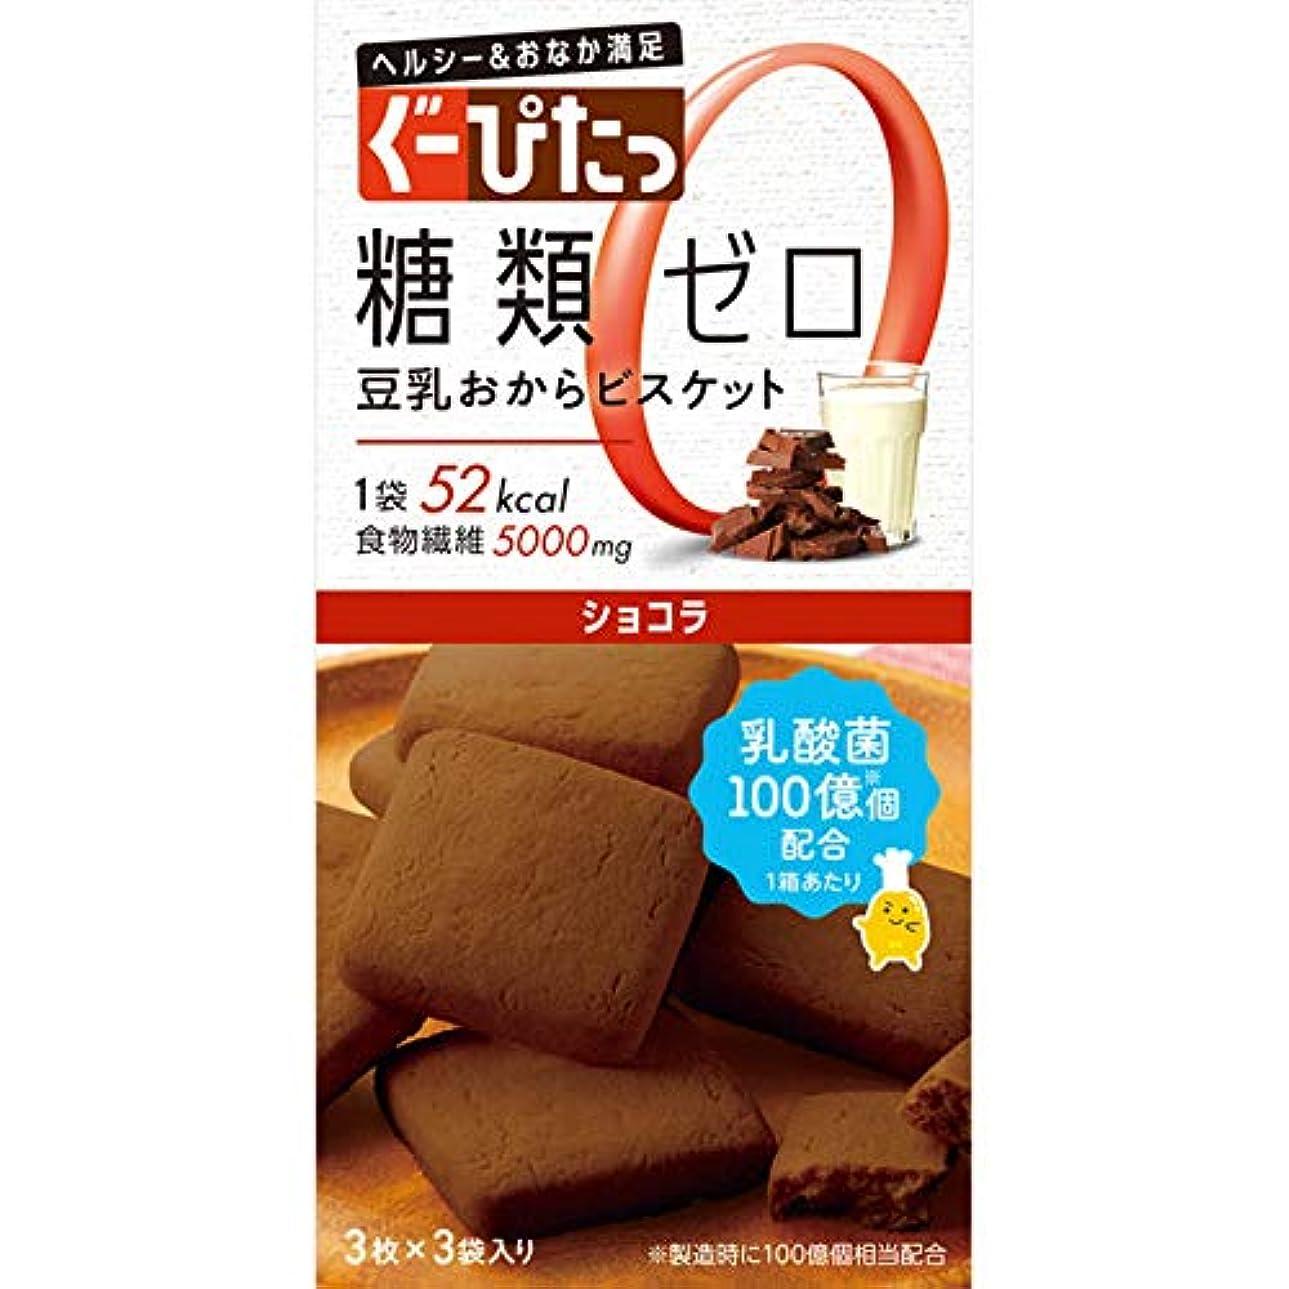 デコードするプレミアマトリックスナリスアップ ぐーぴたっ 豆乳おからビスケット ショコラ (3枚×3袋) ダイエット食品